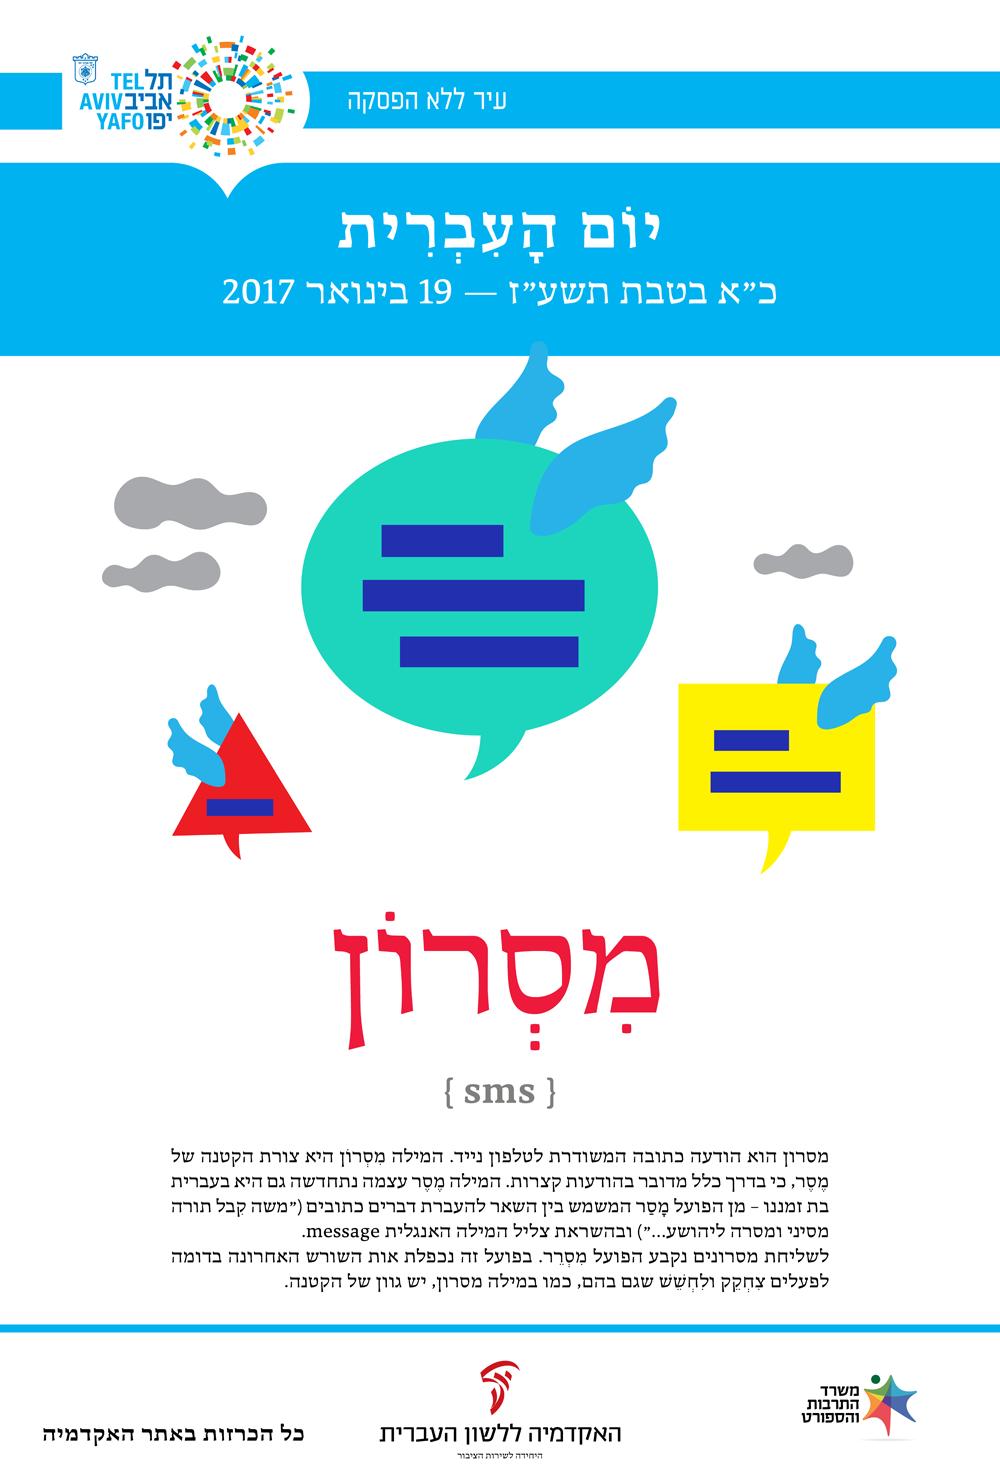 מסרון - כרזה מאויירת ליום העברית תשעז